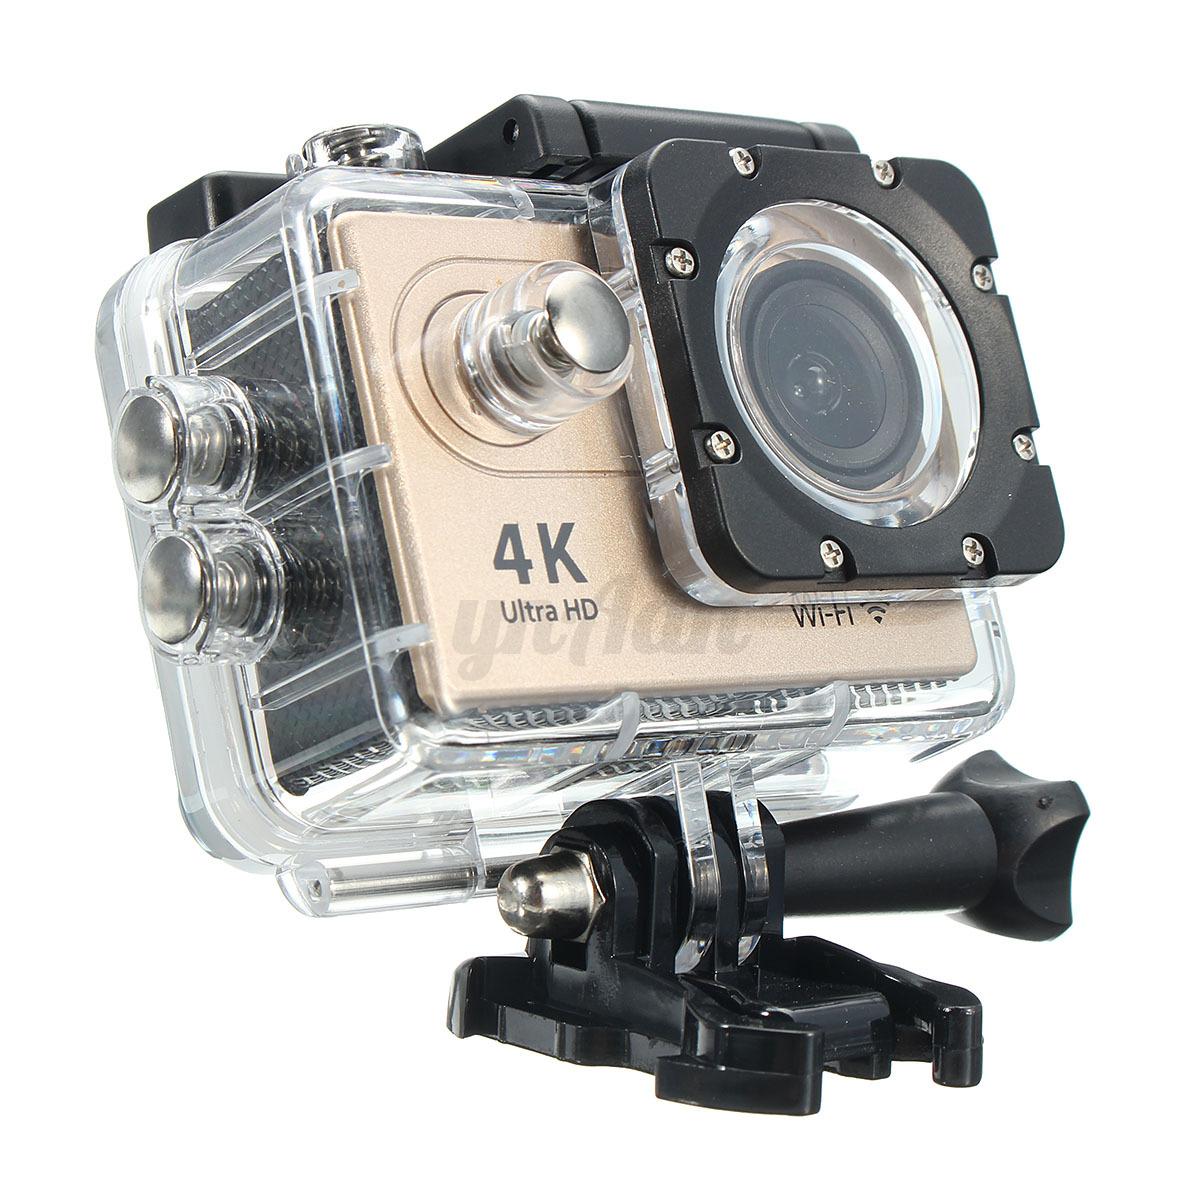 H9R-H9SE-2-0-039-039-LCD-HD-4K-1080P-60FPS-WIFI-DV-Video-Accion-Camara-Deportiva